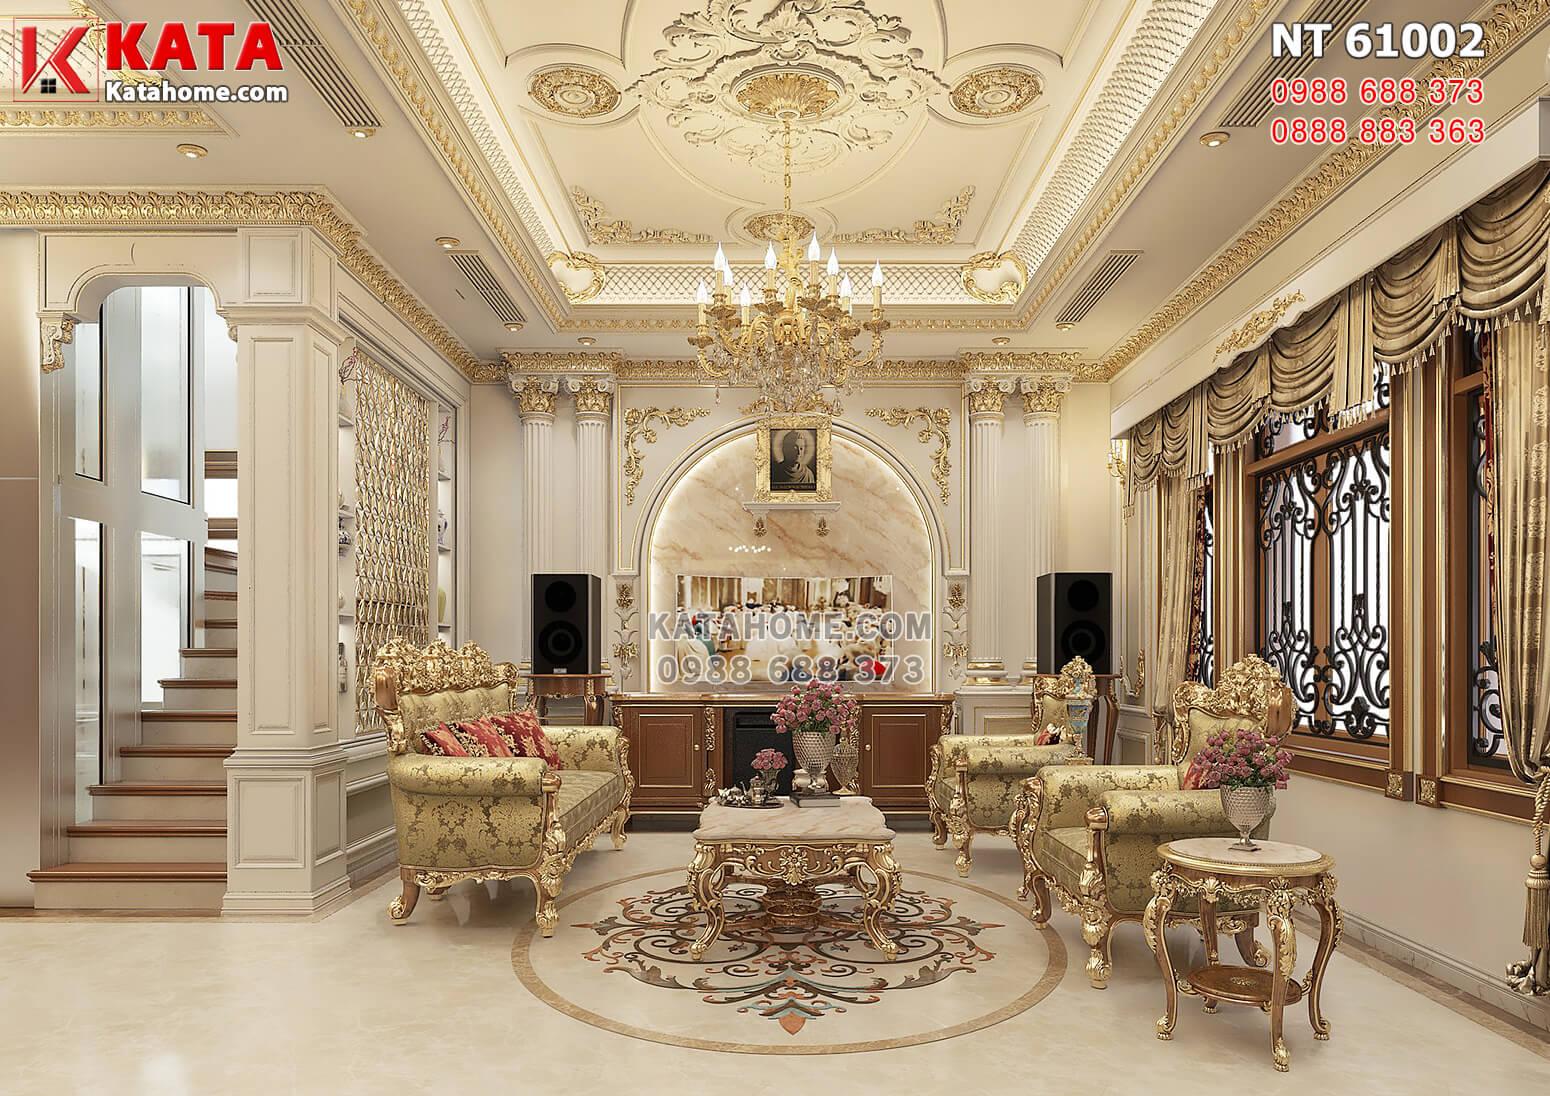 Hình ảnh: Không gian phòng khách được bố trí nguyên vật liệu cao cấp